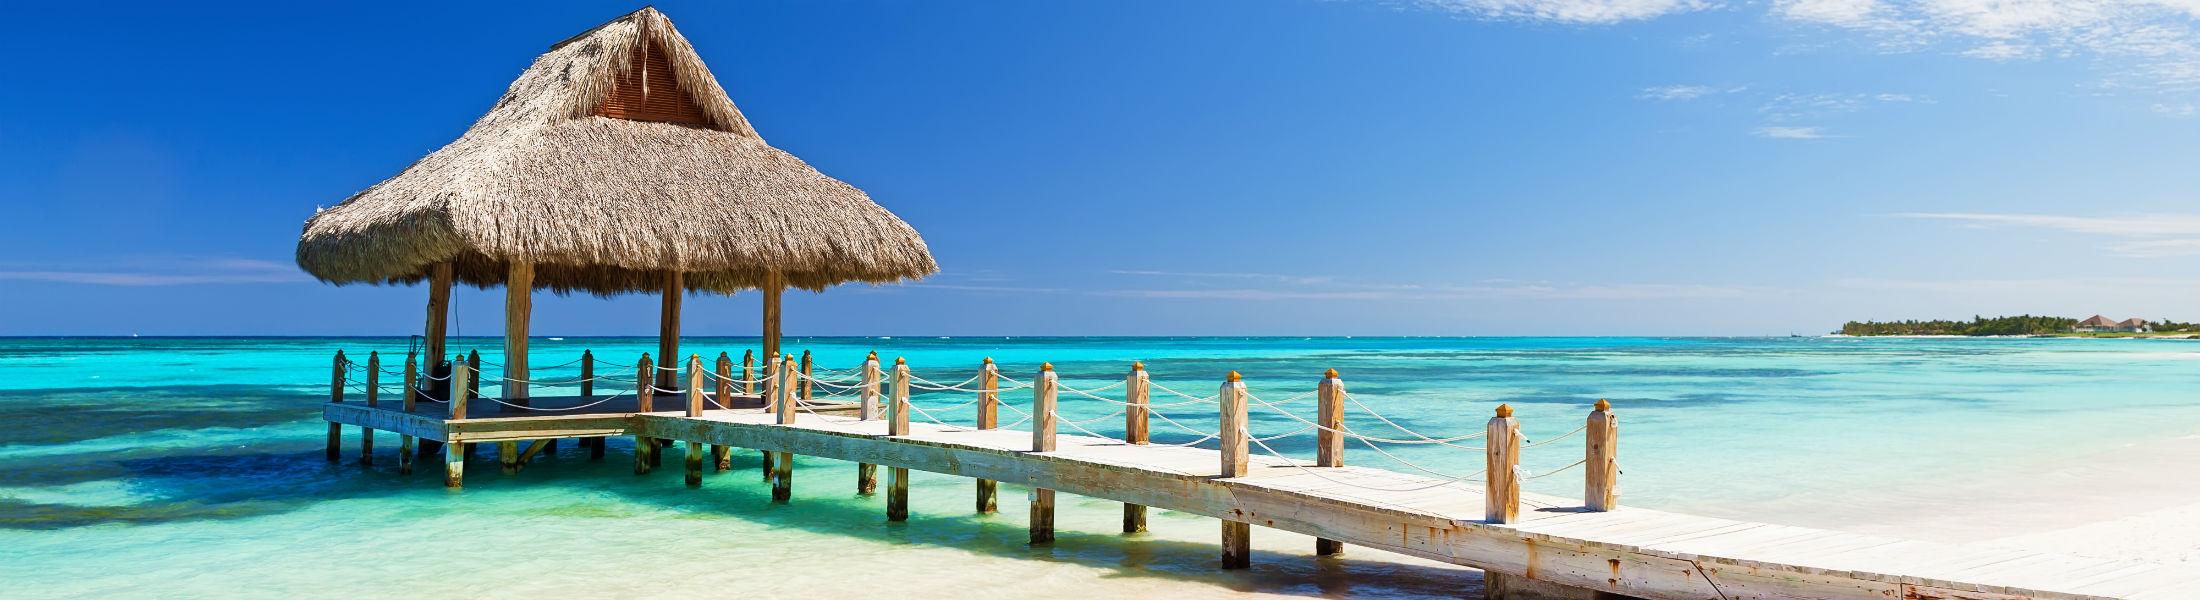 white sandy beach in Cap Cana Dominican Republic